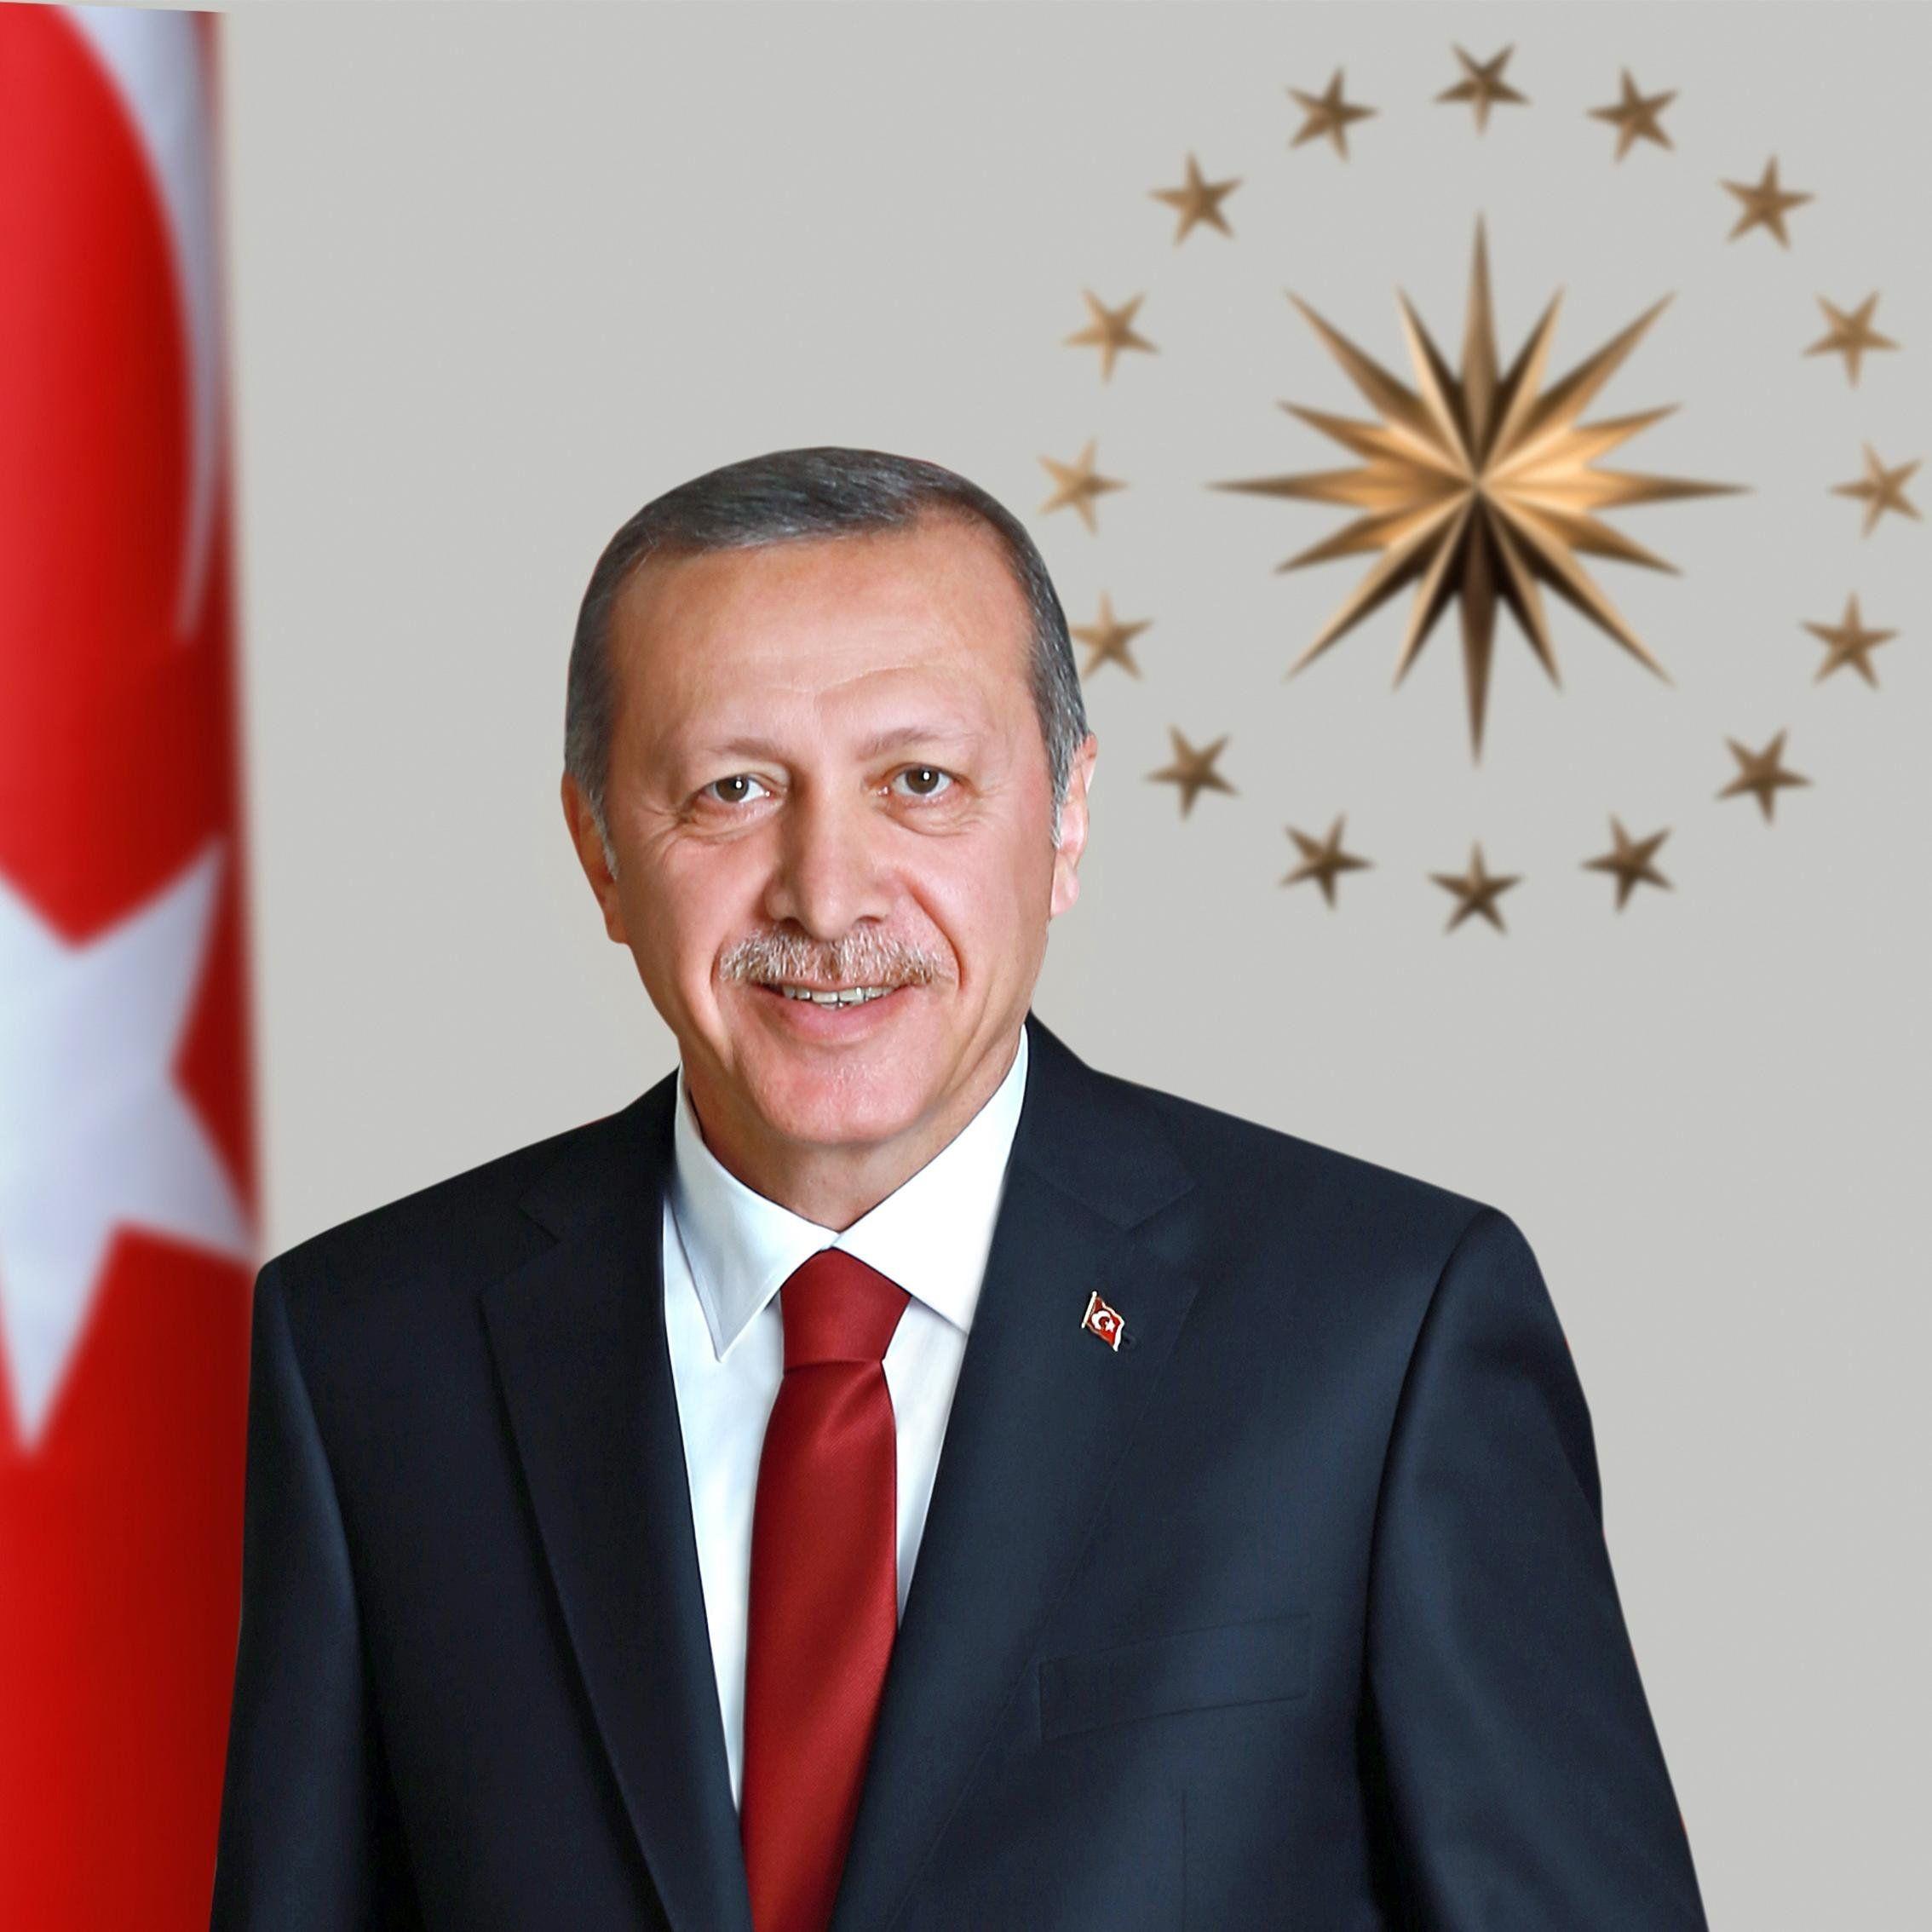 İtalya Başbakanı Draghi'den Cumhurbaşkanı Erdoğan'a skandal ifade!